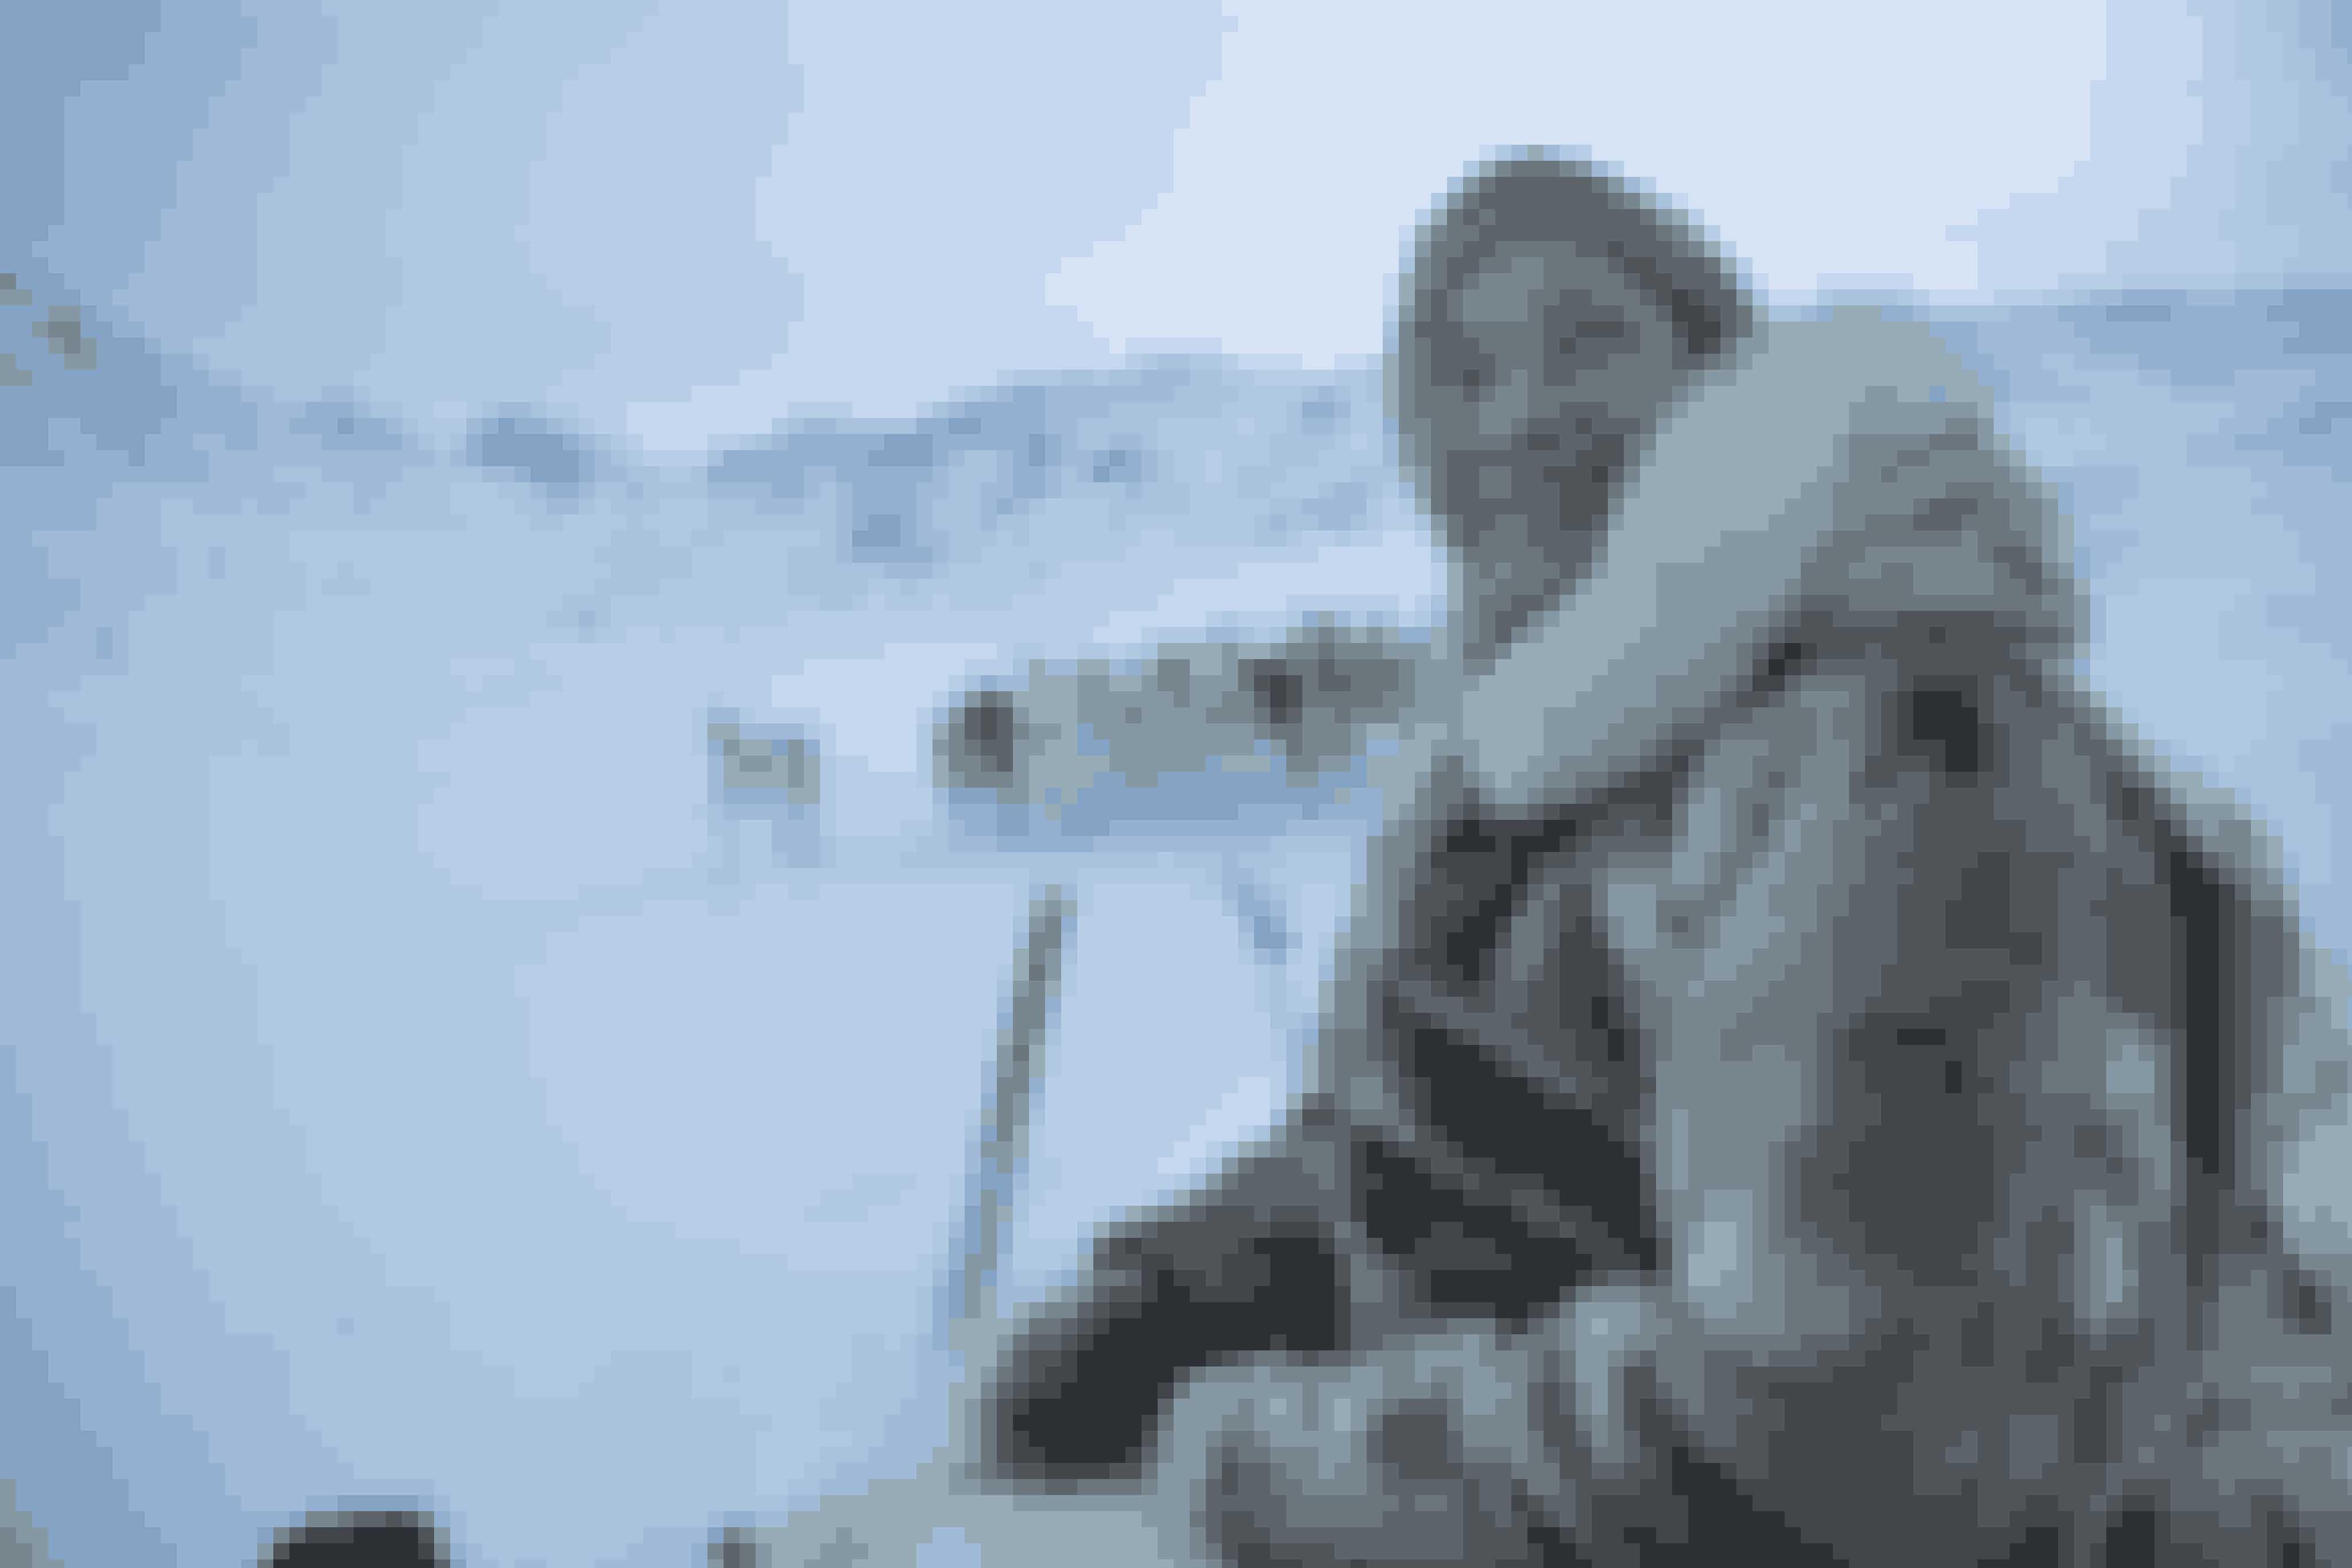 Johanne Bech begyndte som tandtekniker og frisør. Men siden har den 61-årige kvinde skiftet branche. Hun er i dag en af ganske få kvindelige fangere i Grønland. Ude og Hjemme tog med hende ud i vildmarken sammen med en slæde og 15 hunde.